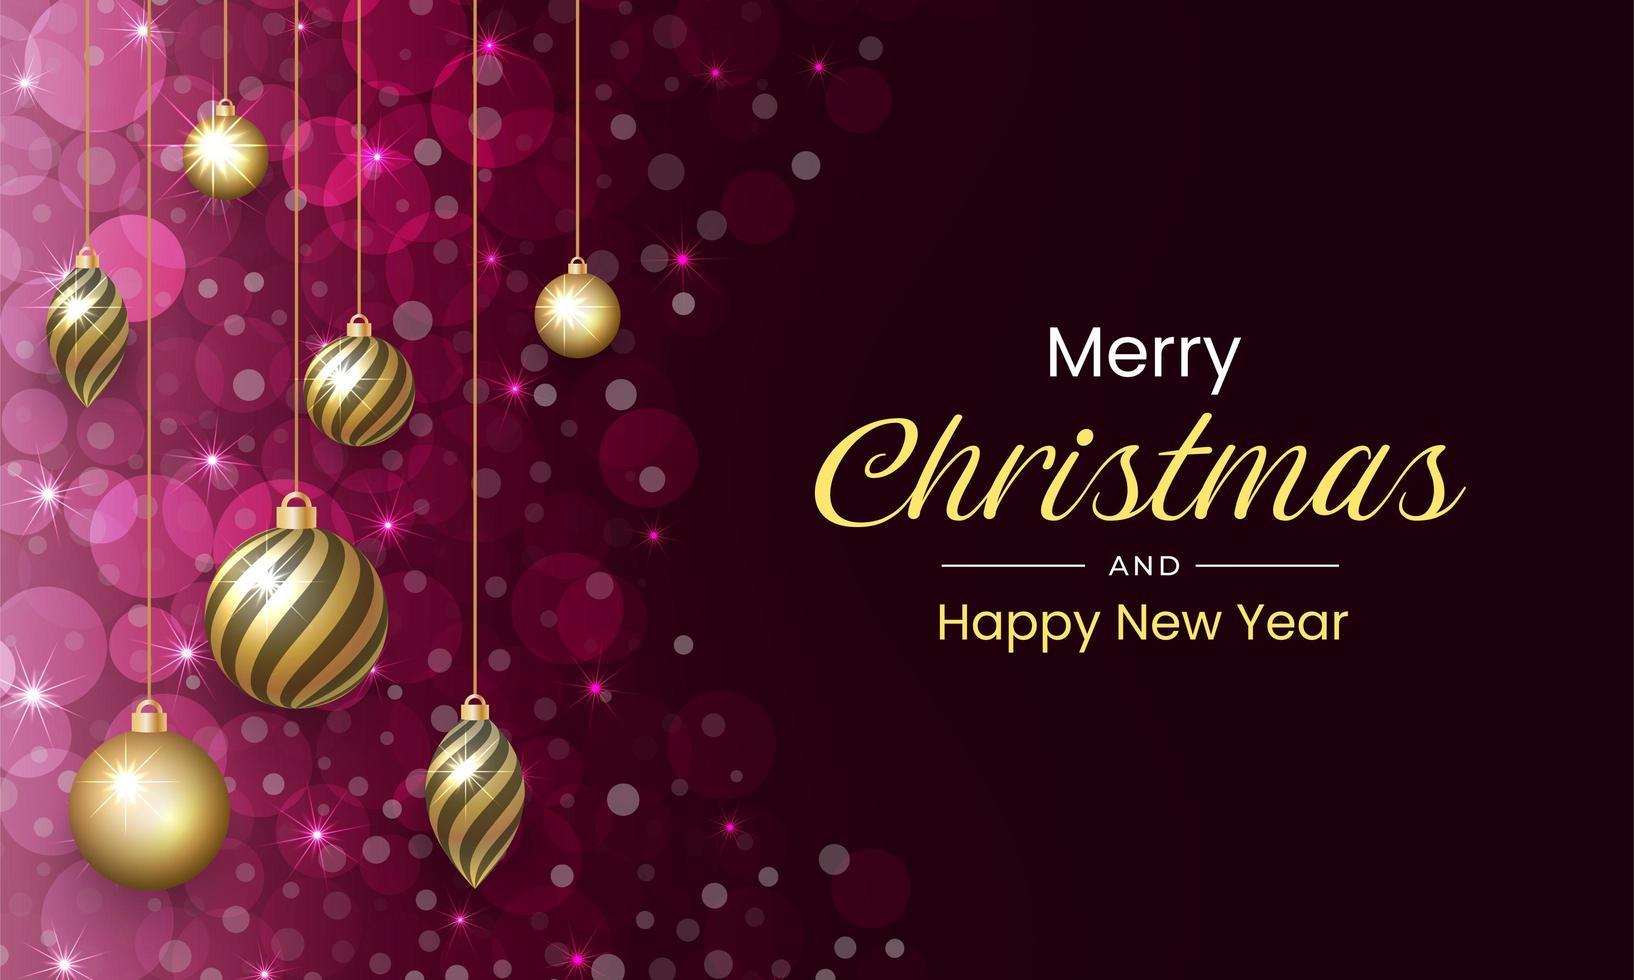 vrolijk kerstfeest met luxe en sprankelende achtergrond vector